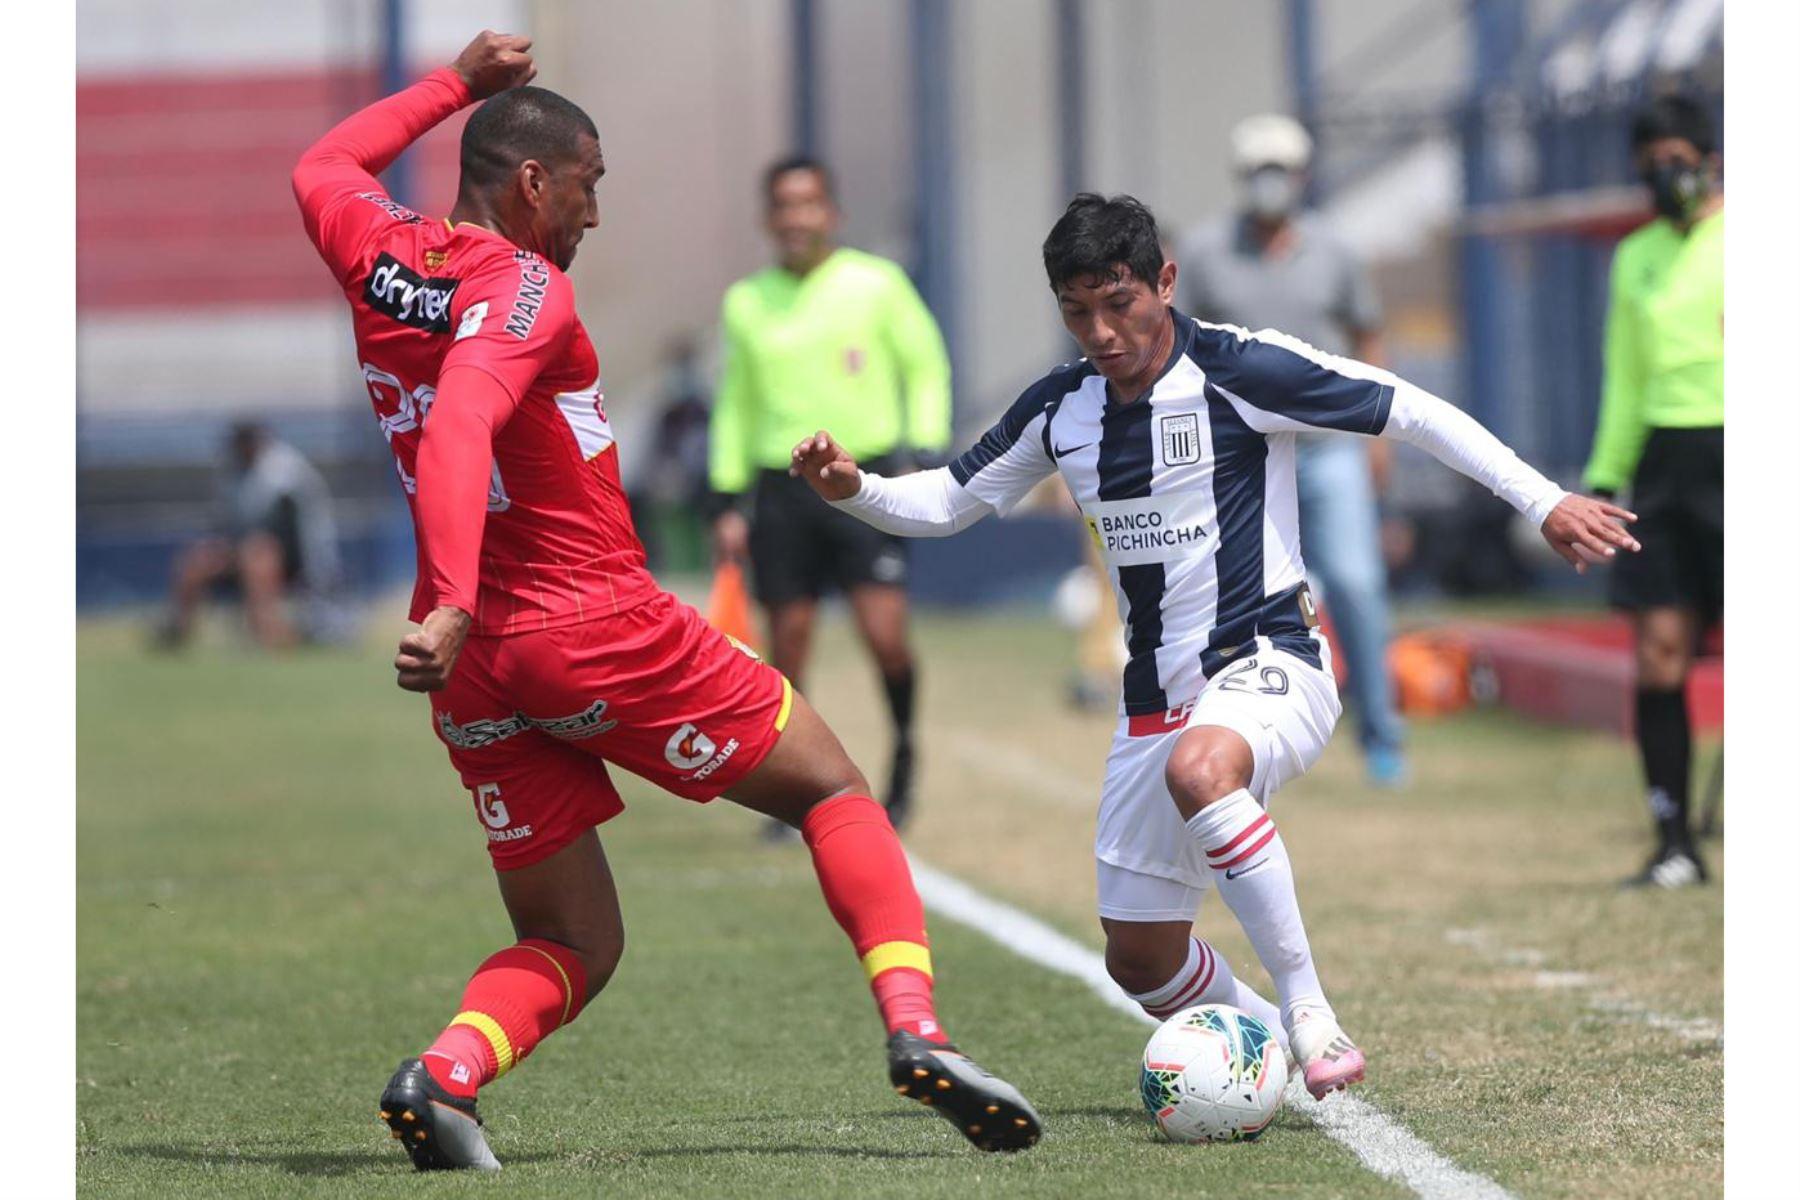 El futbolista D. Caro de Alianza Lima se enfrenta a su rival del Sport Huancayo por la jornada 12 de la Liga 1, en el estadio de San Marcos. Foto: @LigaFutProf